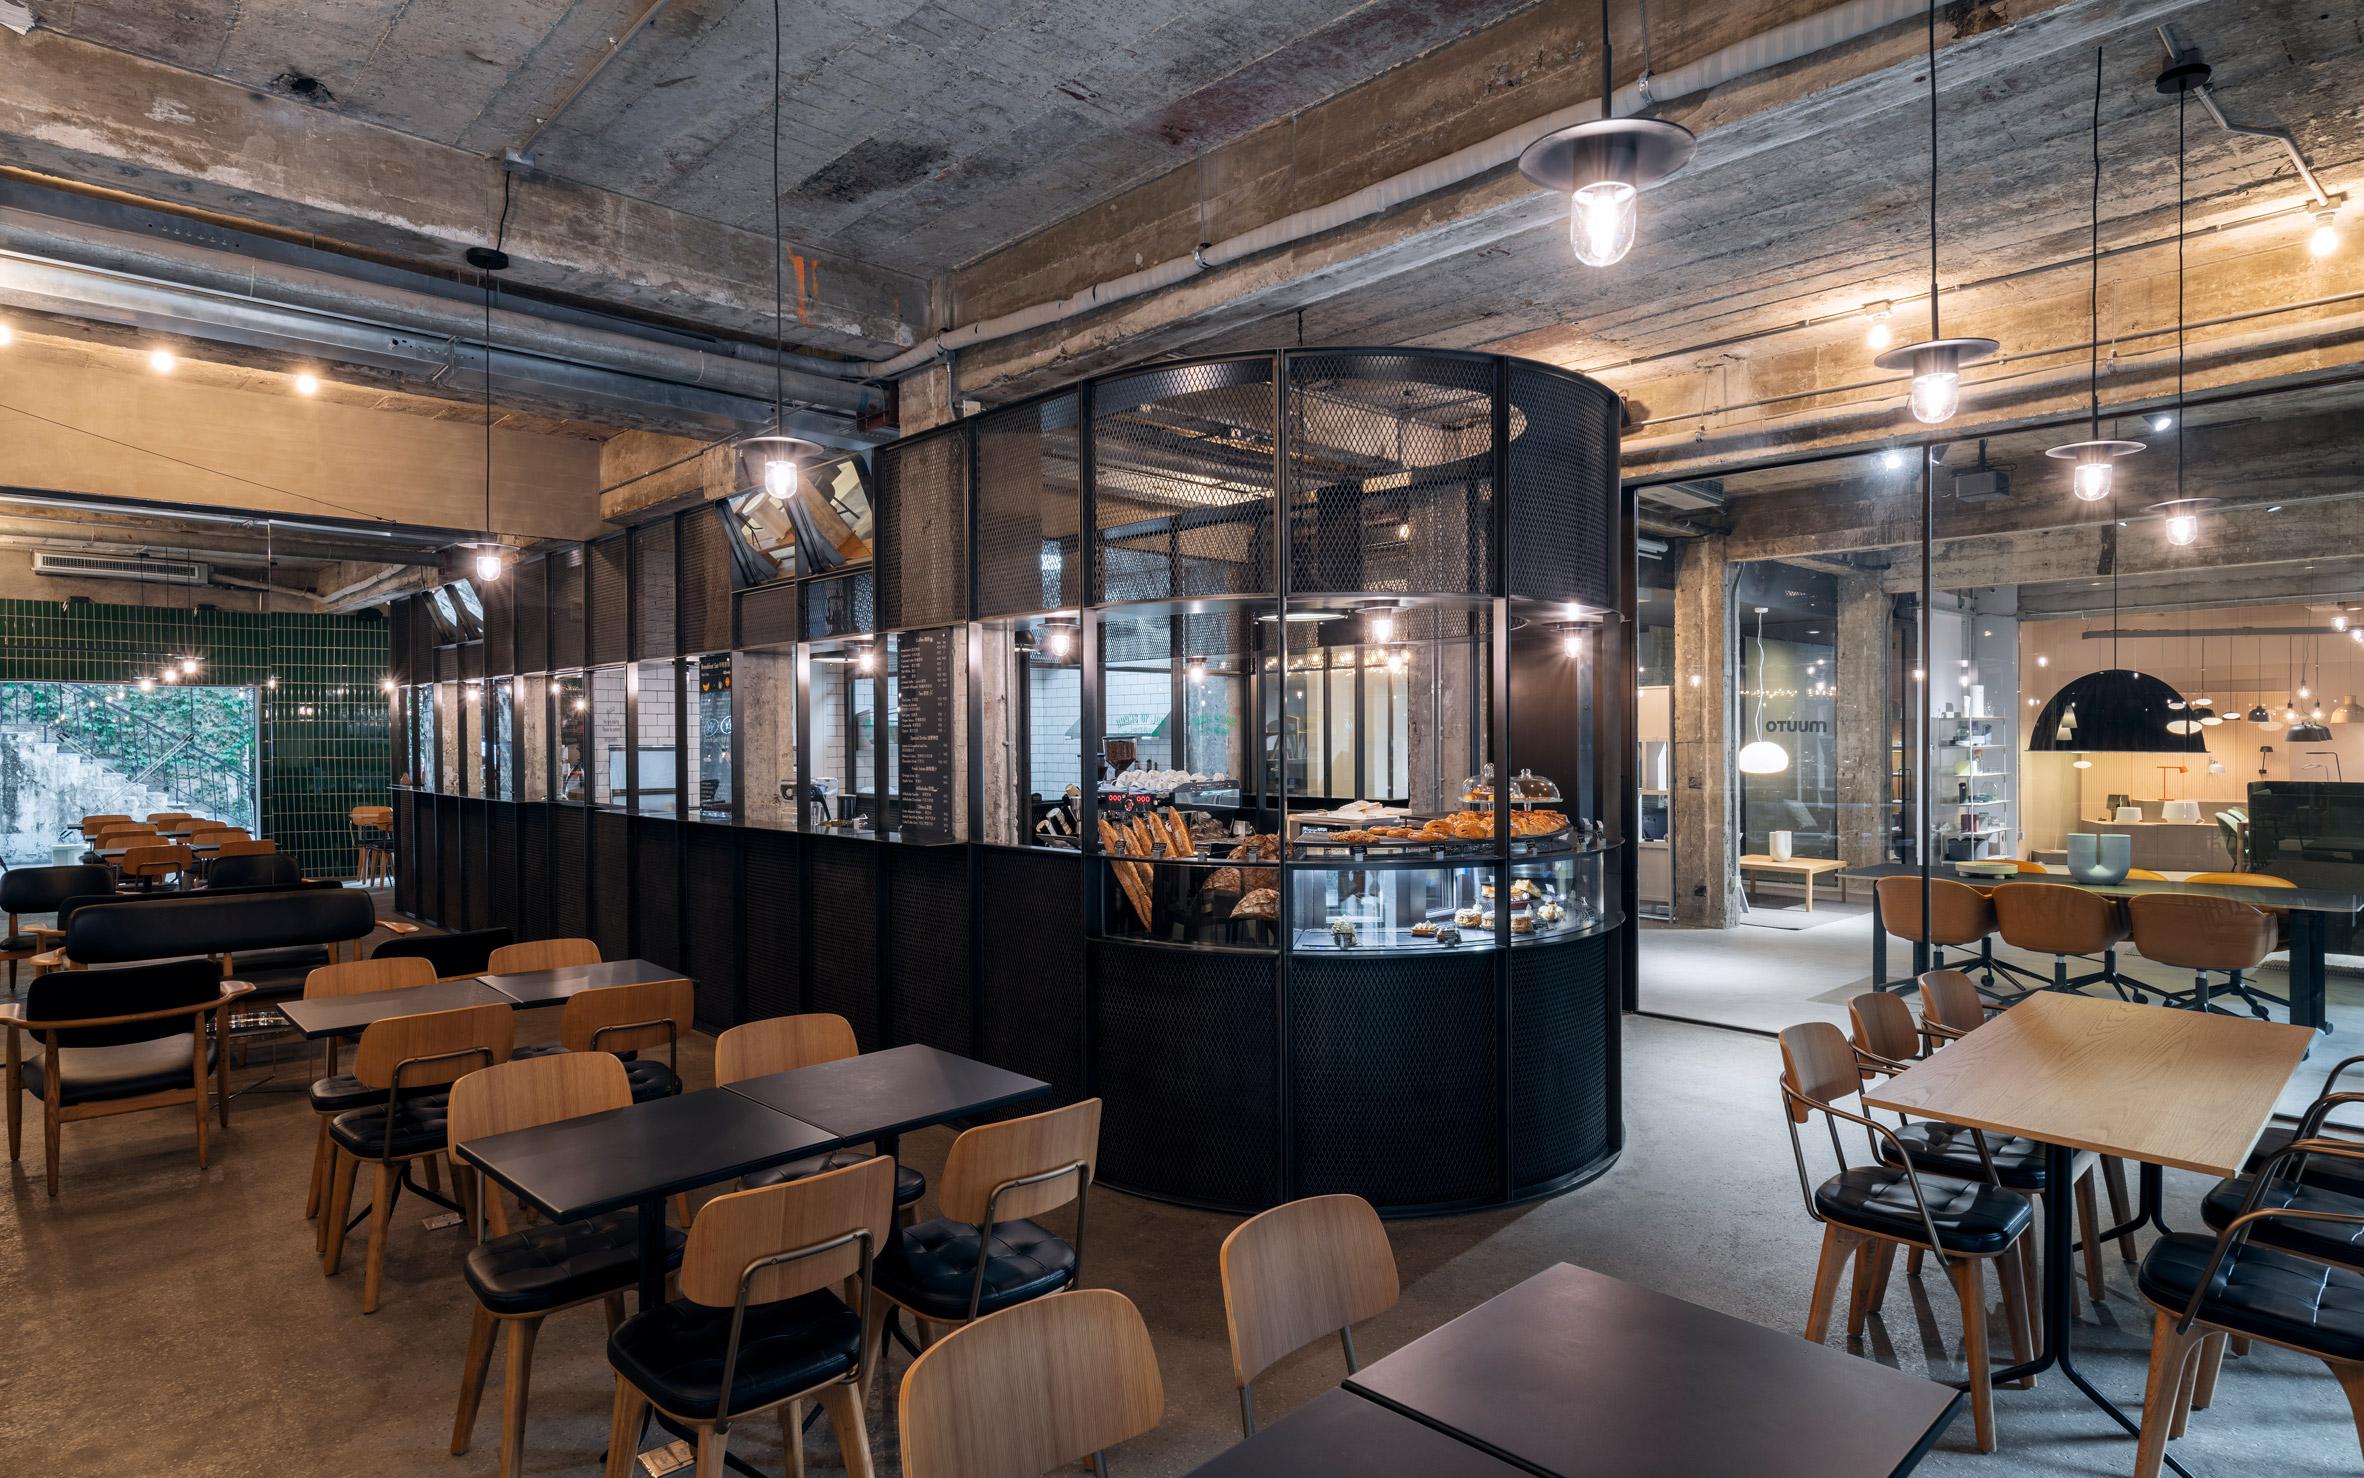 Cafe in Neri&Hu's office